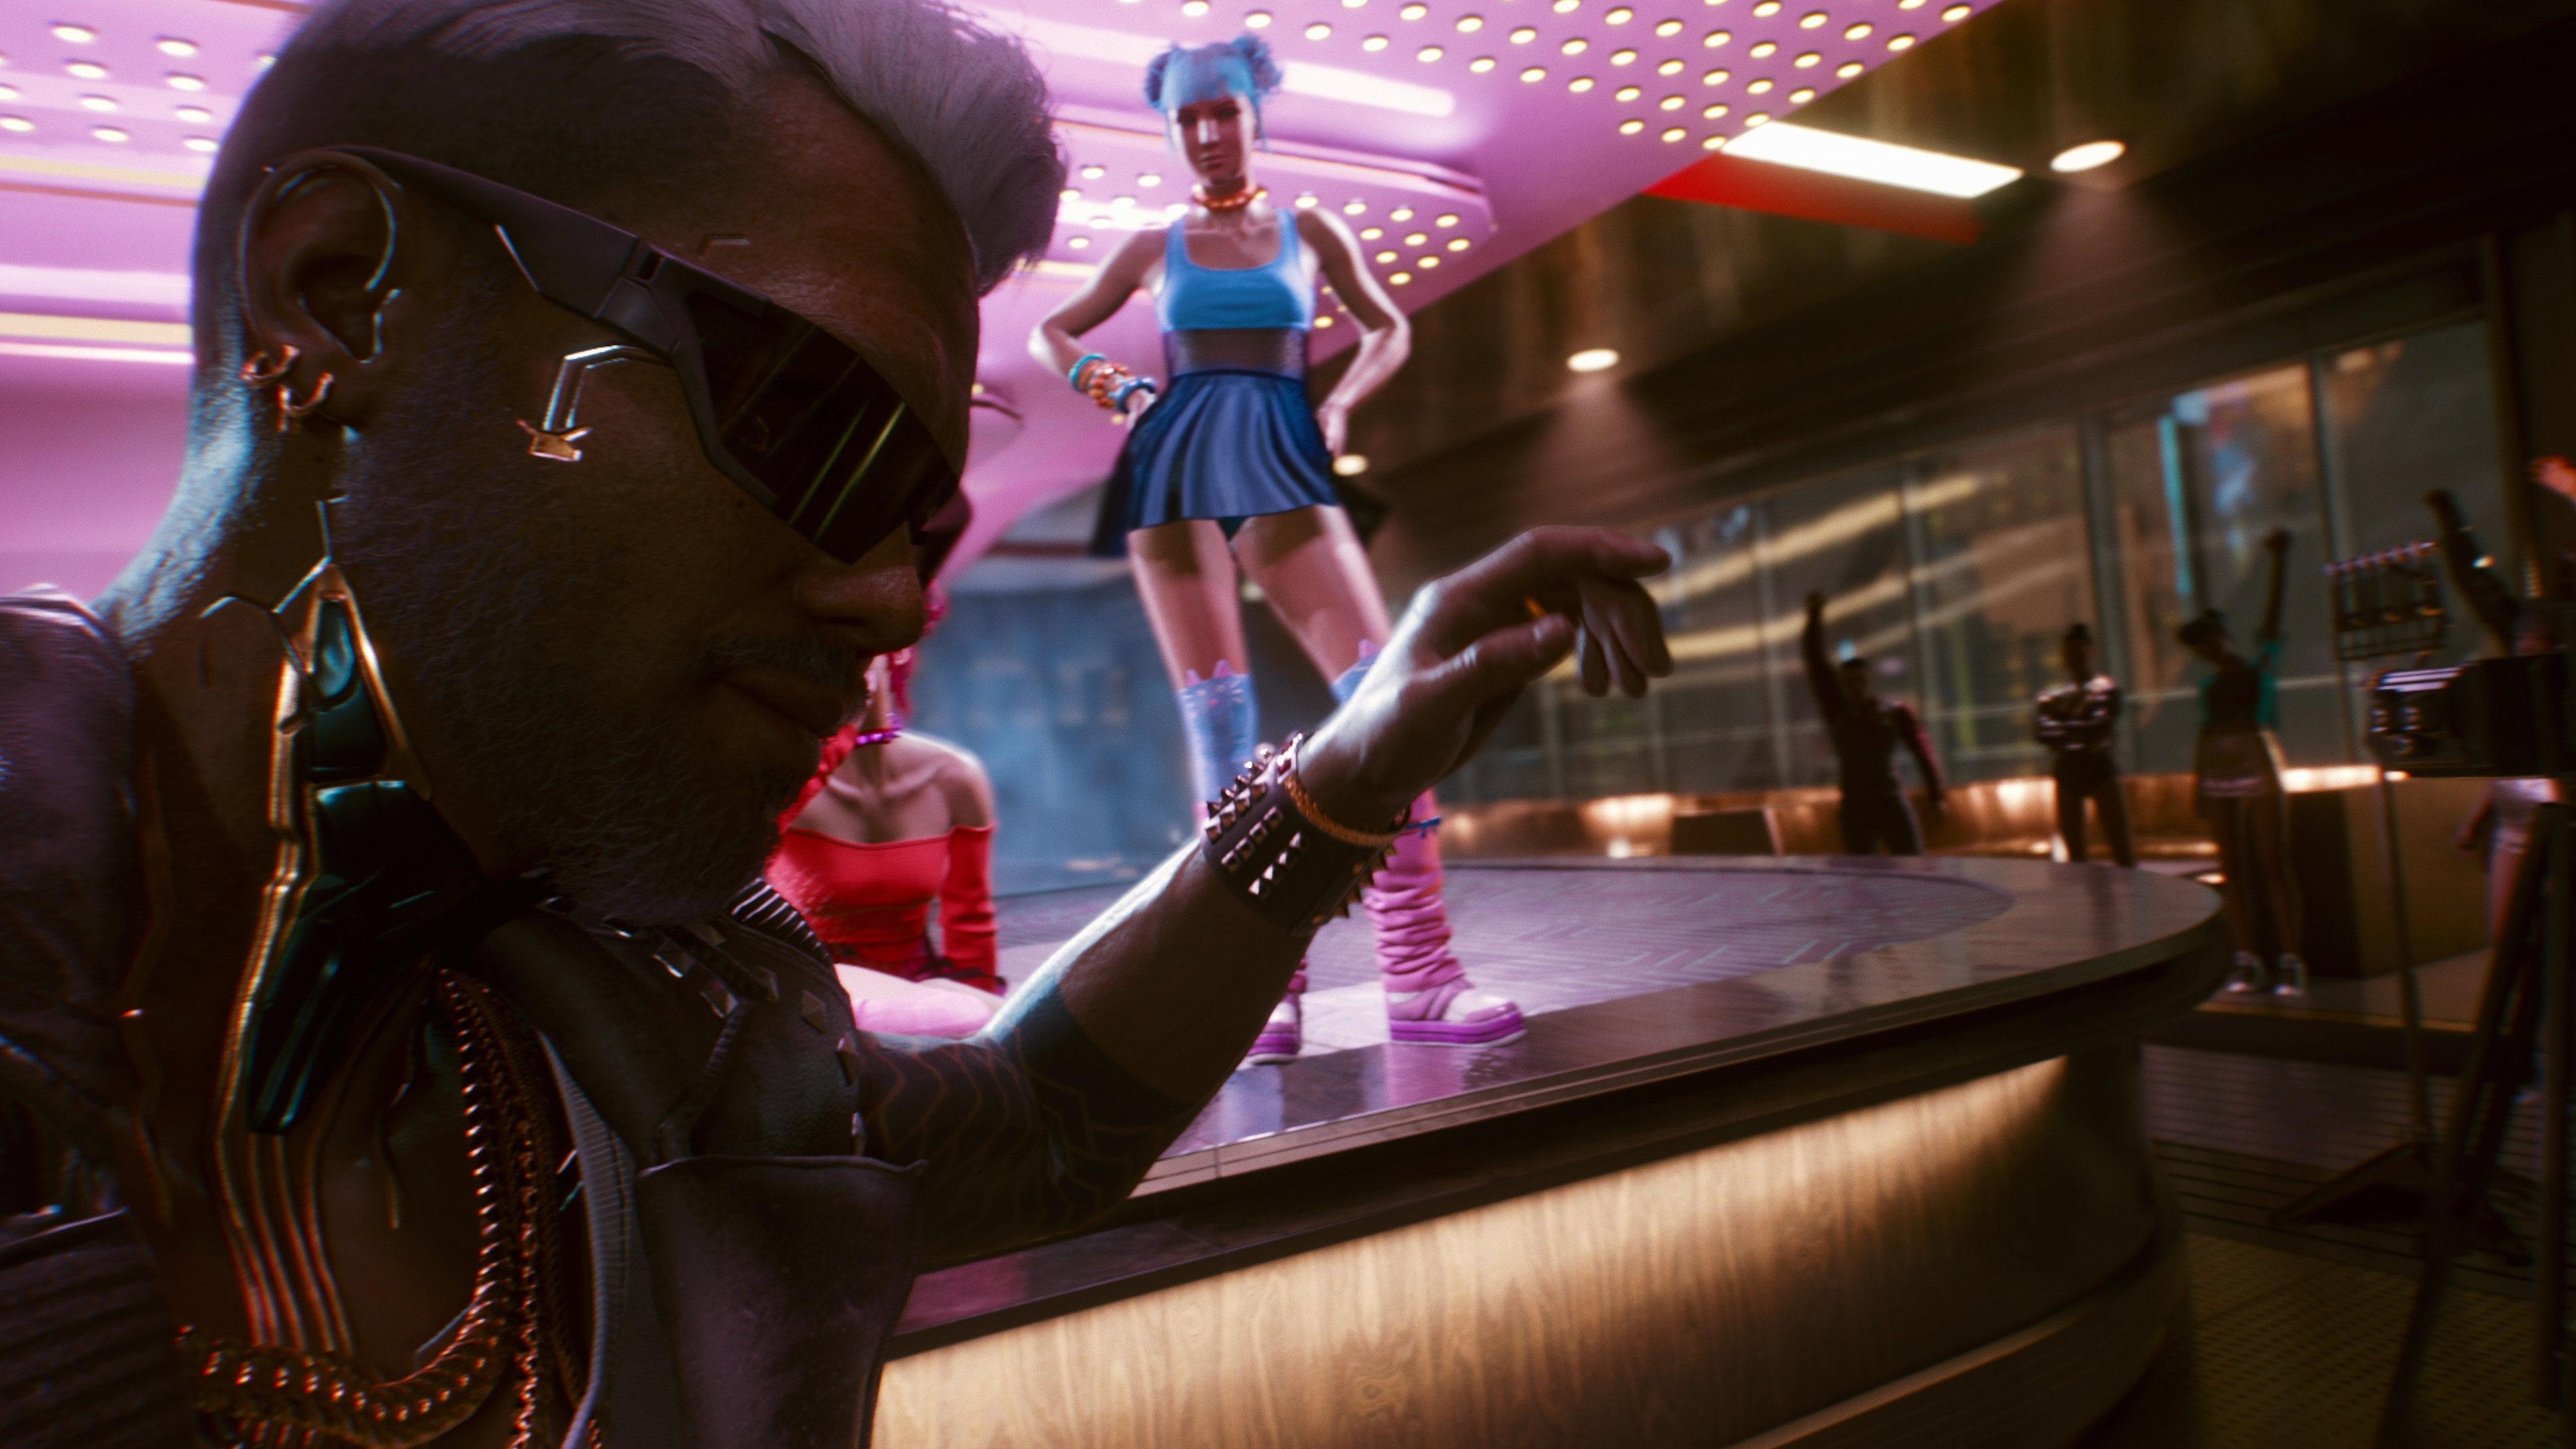 《赛博朋克2077》大量新截图 让人向往的未来都市